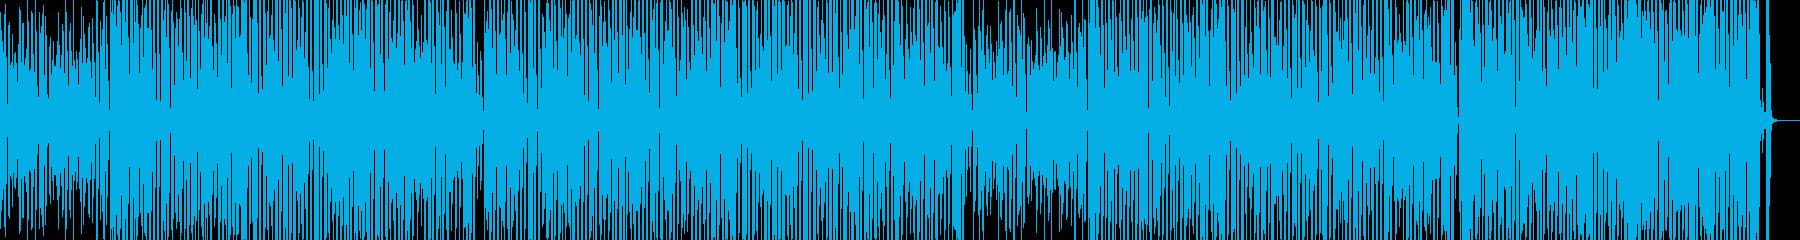 わくわくウキウキハッピータイムの再生済みの波形